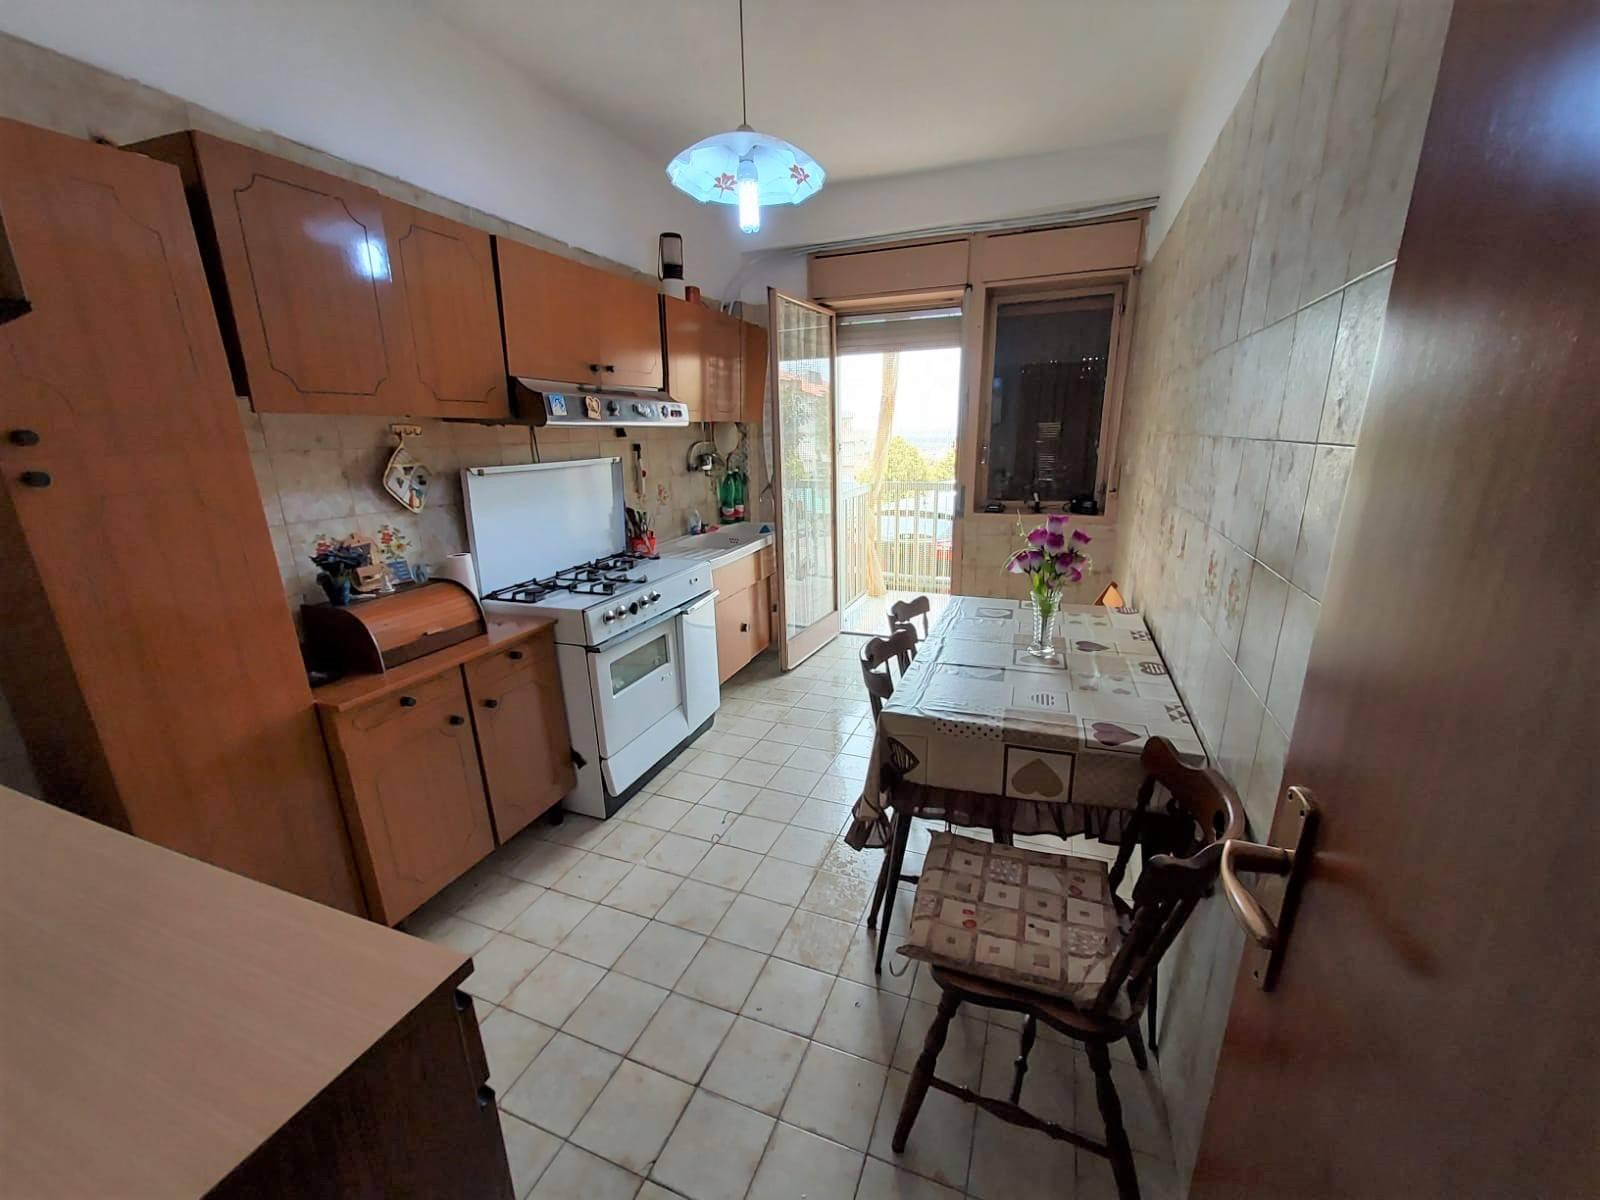 Appartamento in vendita a Carlentini, 4 locali, zona Località: SANTUZZI, prezzo € 65.000 | PortaleAgenzieImmobiliari.it